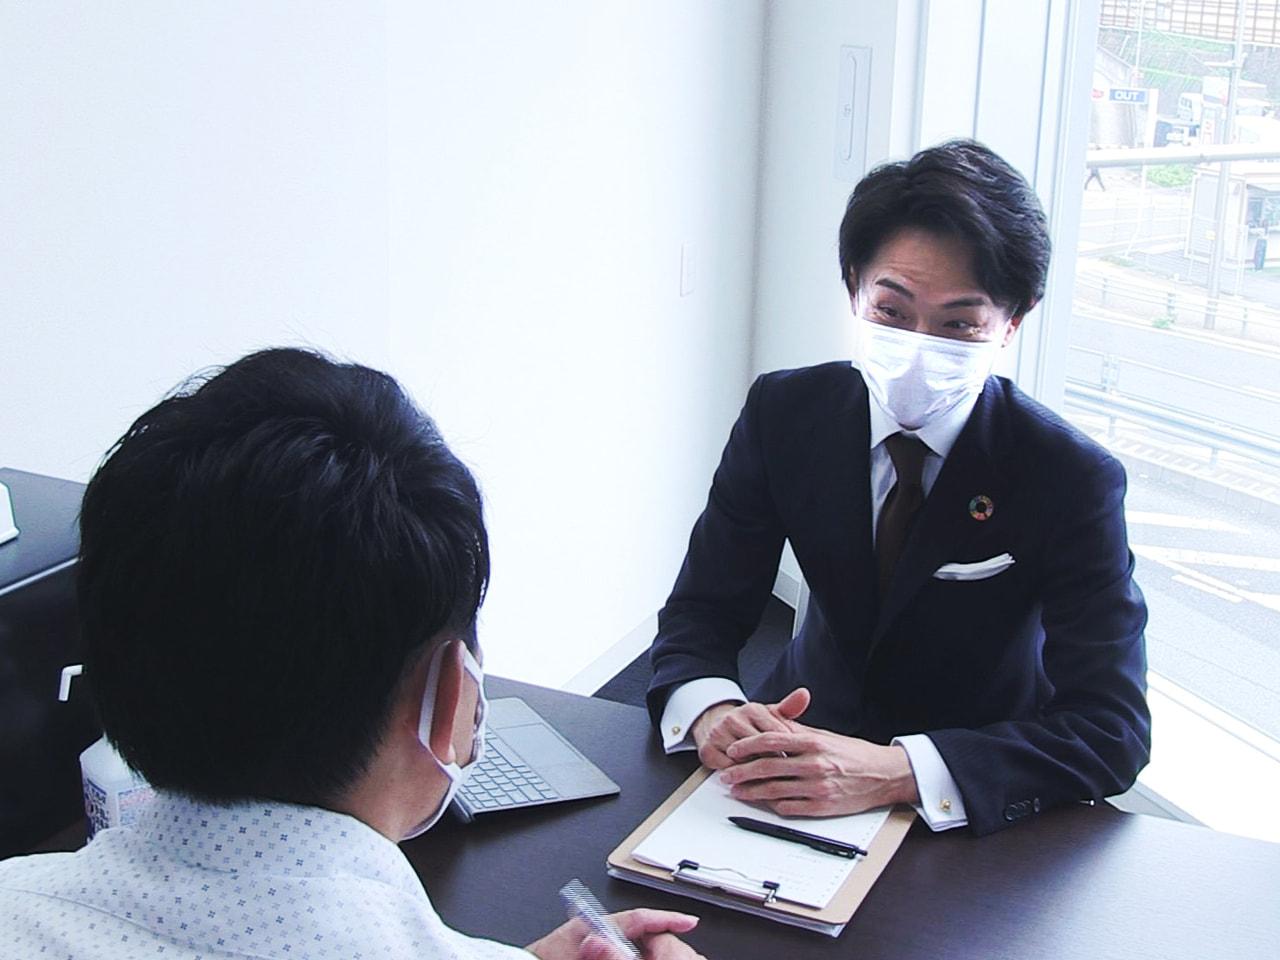 ことし7月に岐阜市が開設した起業や経営改善の相談に無料で応じる「スタートアップ相...